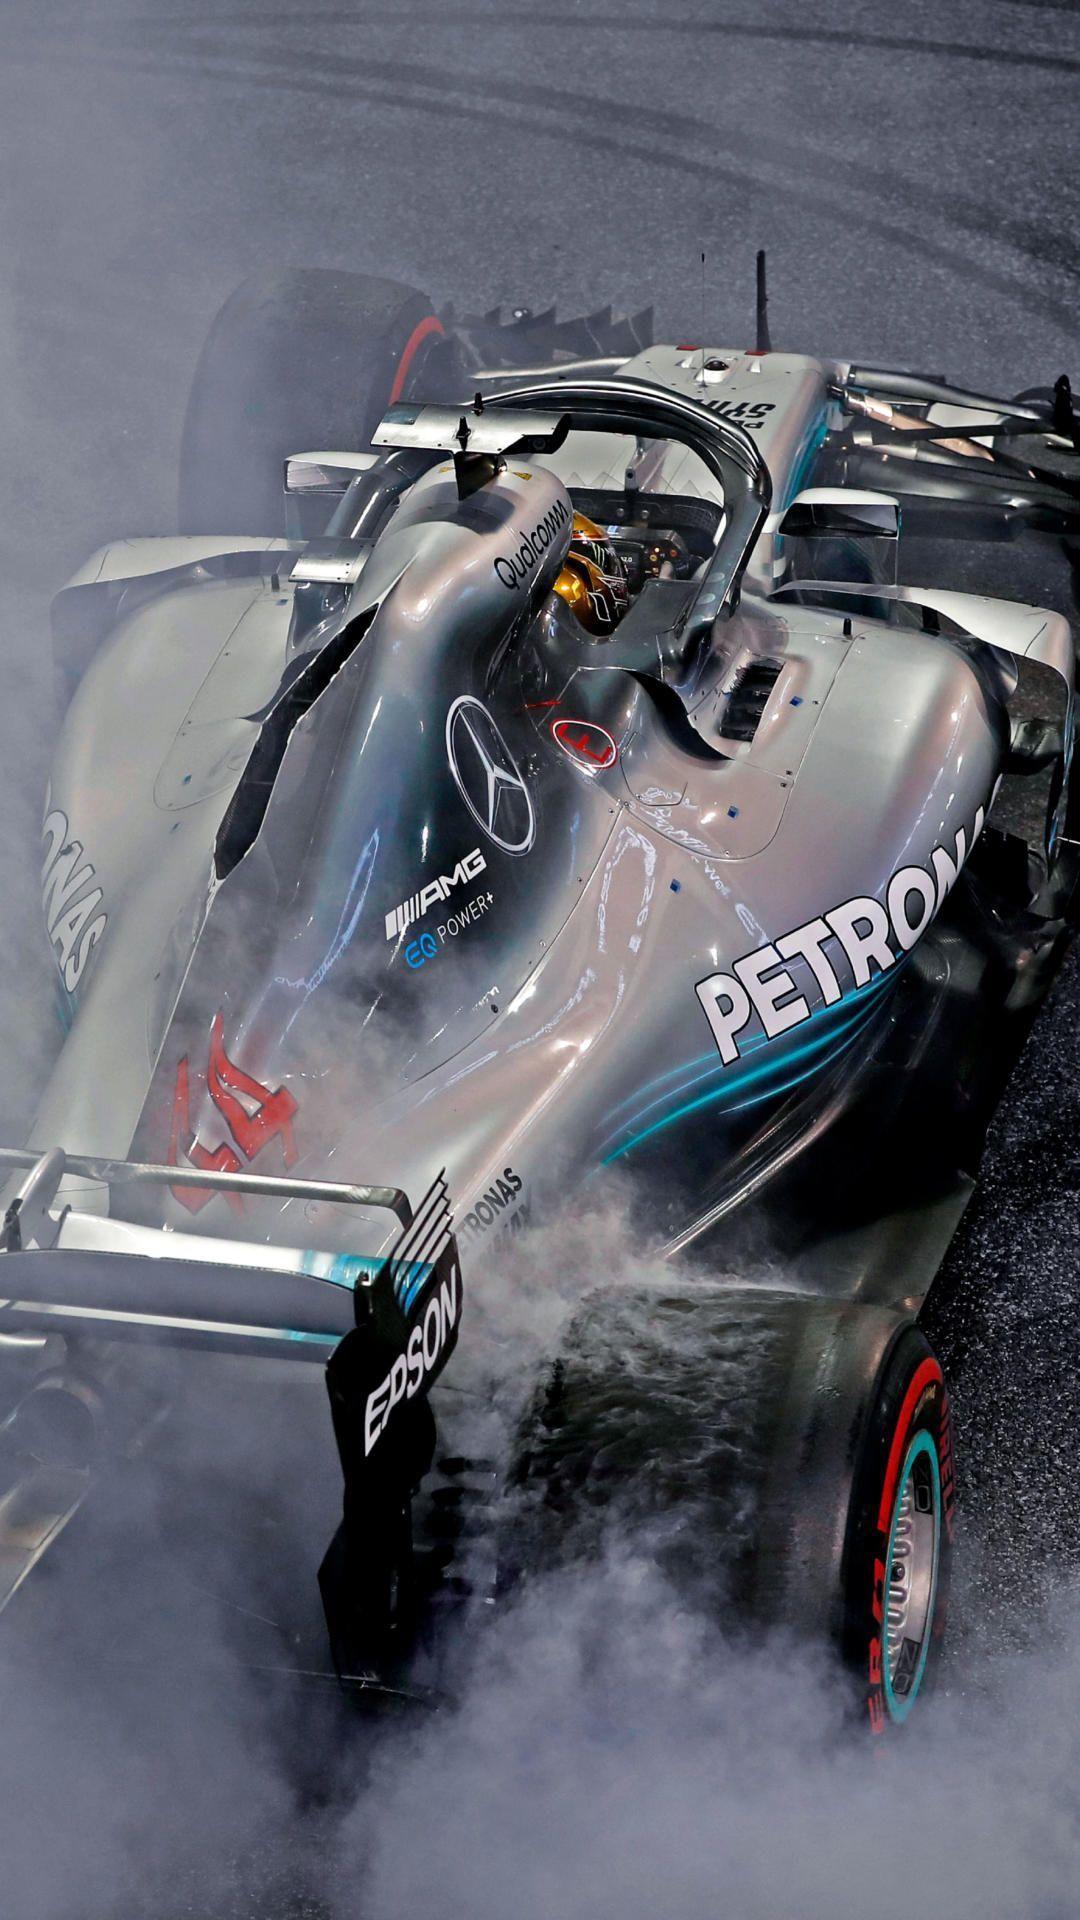 Mercedes Formula 1 2019 Mercedes Formula 1 En 2020 Fondos De Pantalla De Coches Fotos De Autos F1 Wallpaper Hd